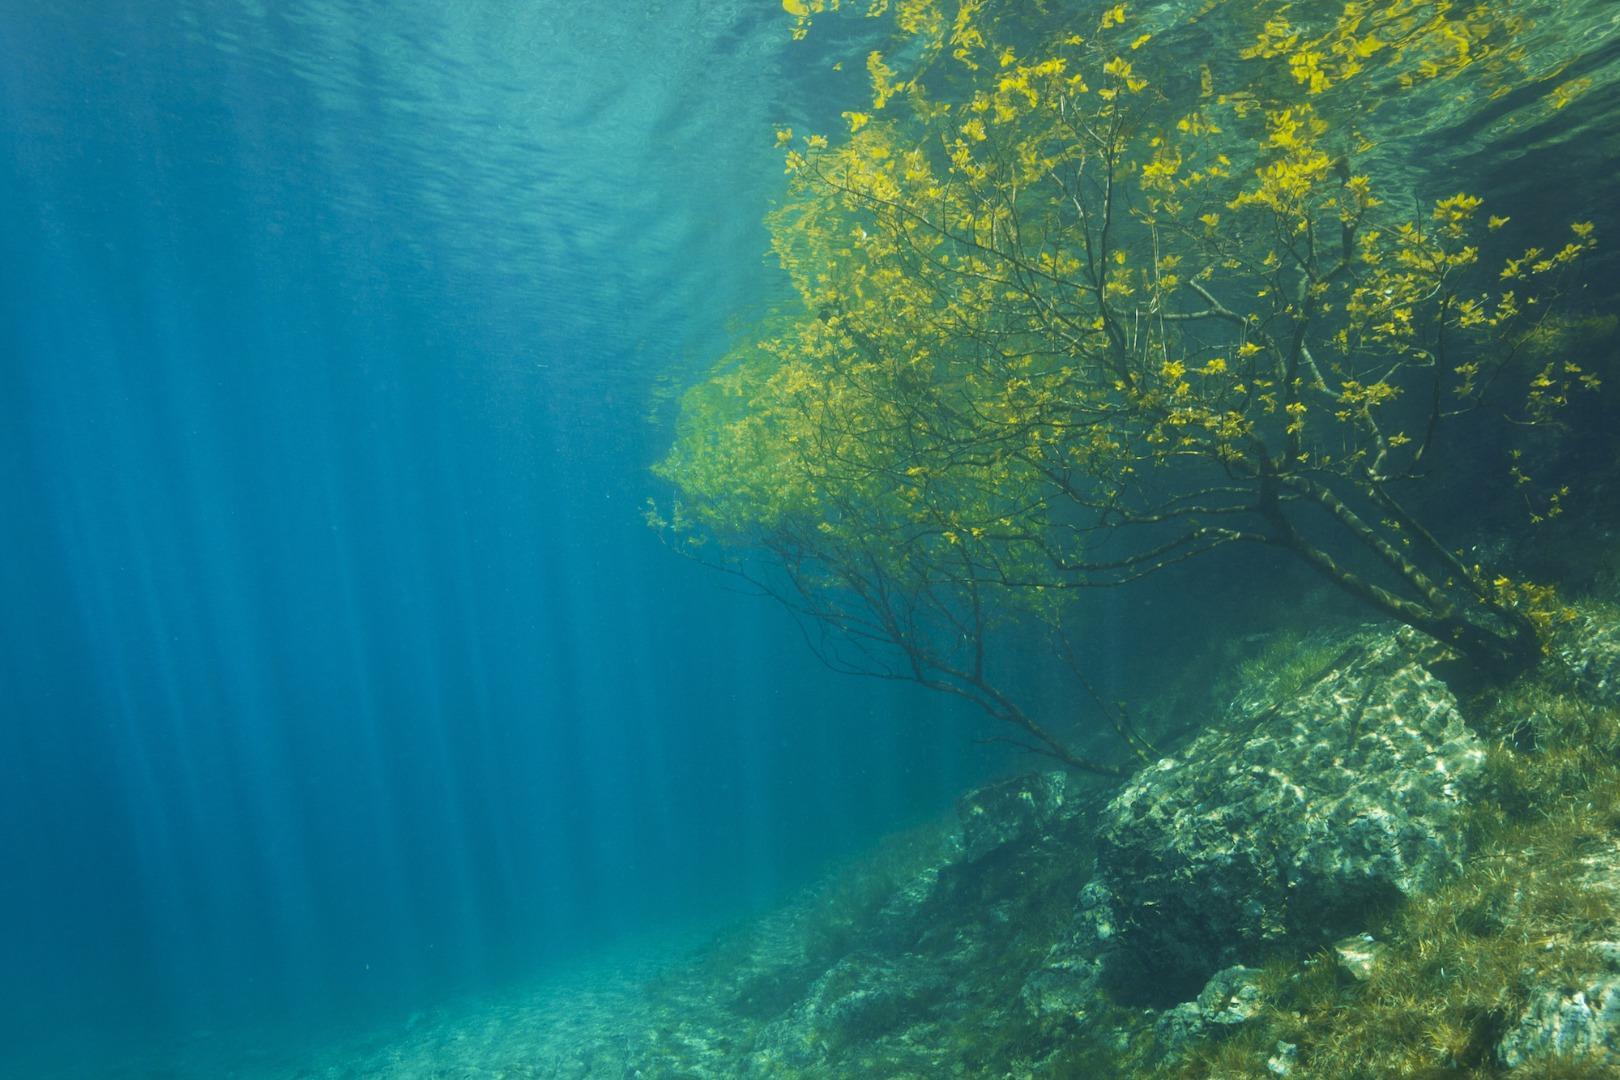 水下探秘 | 在这里,你能看到世界沉入水底的模样